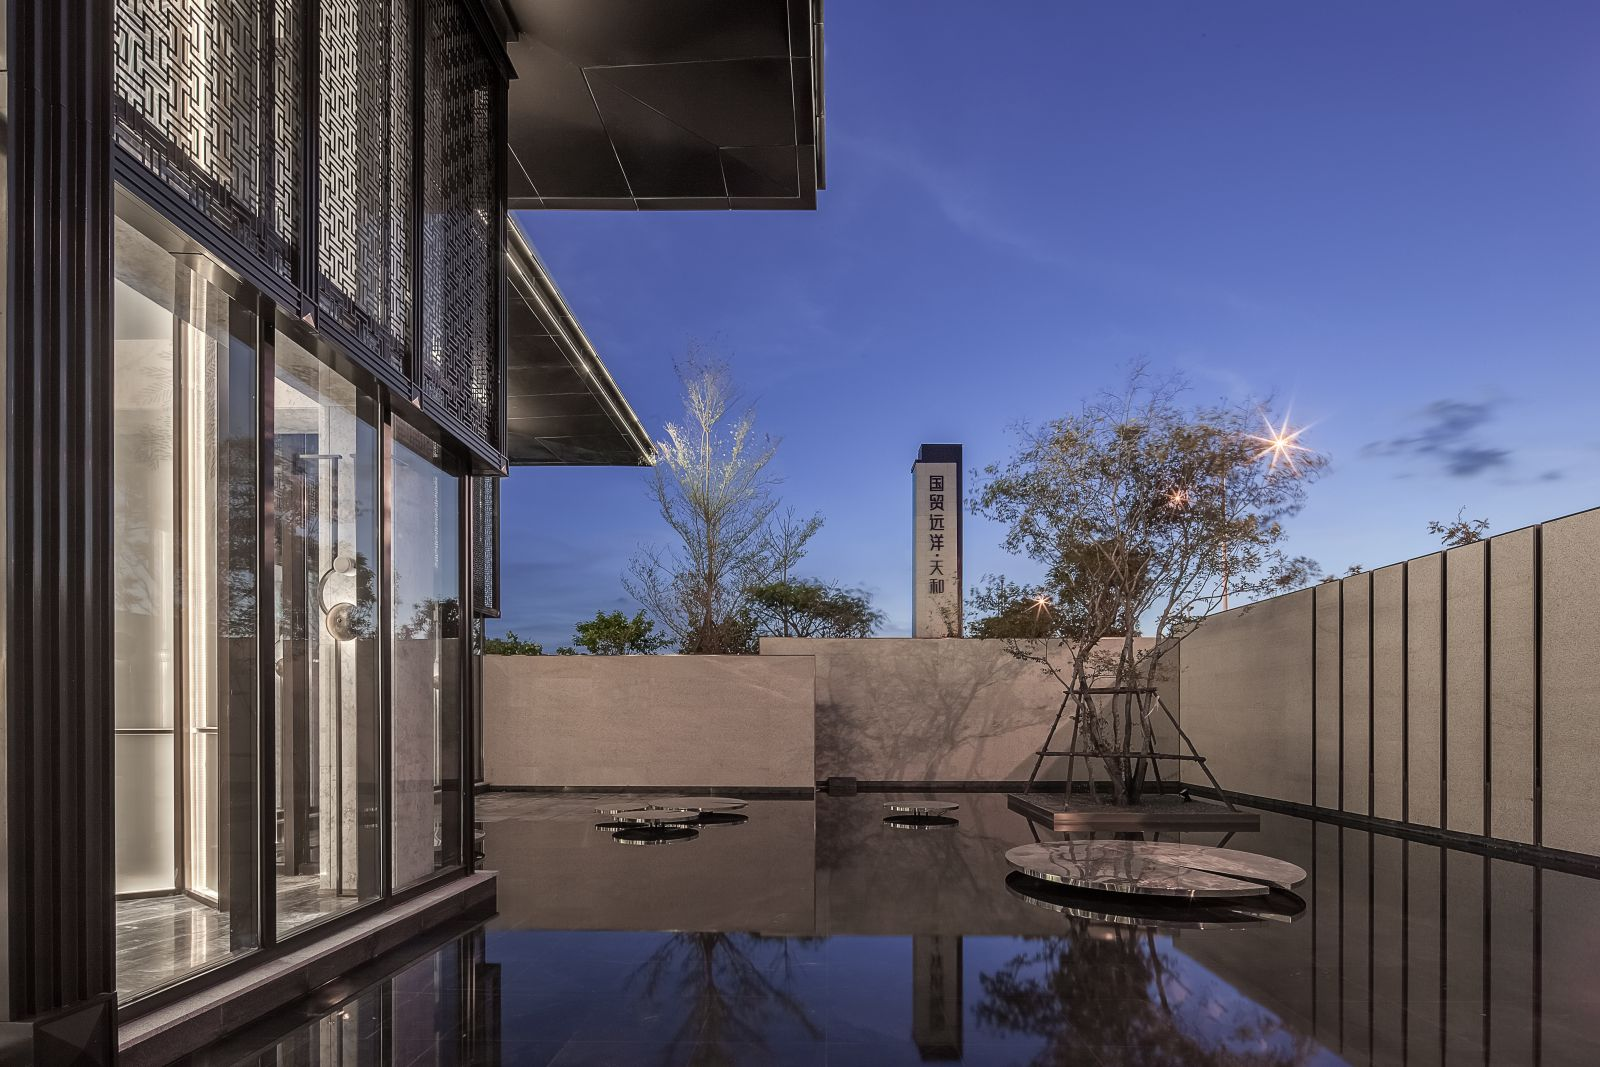 厦门东悦地产有限公司     设计单位:北京远洋景观规划设计院有限公司